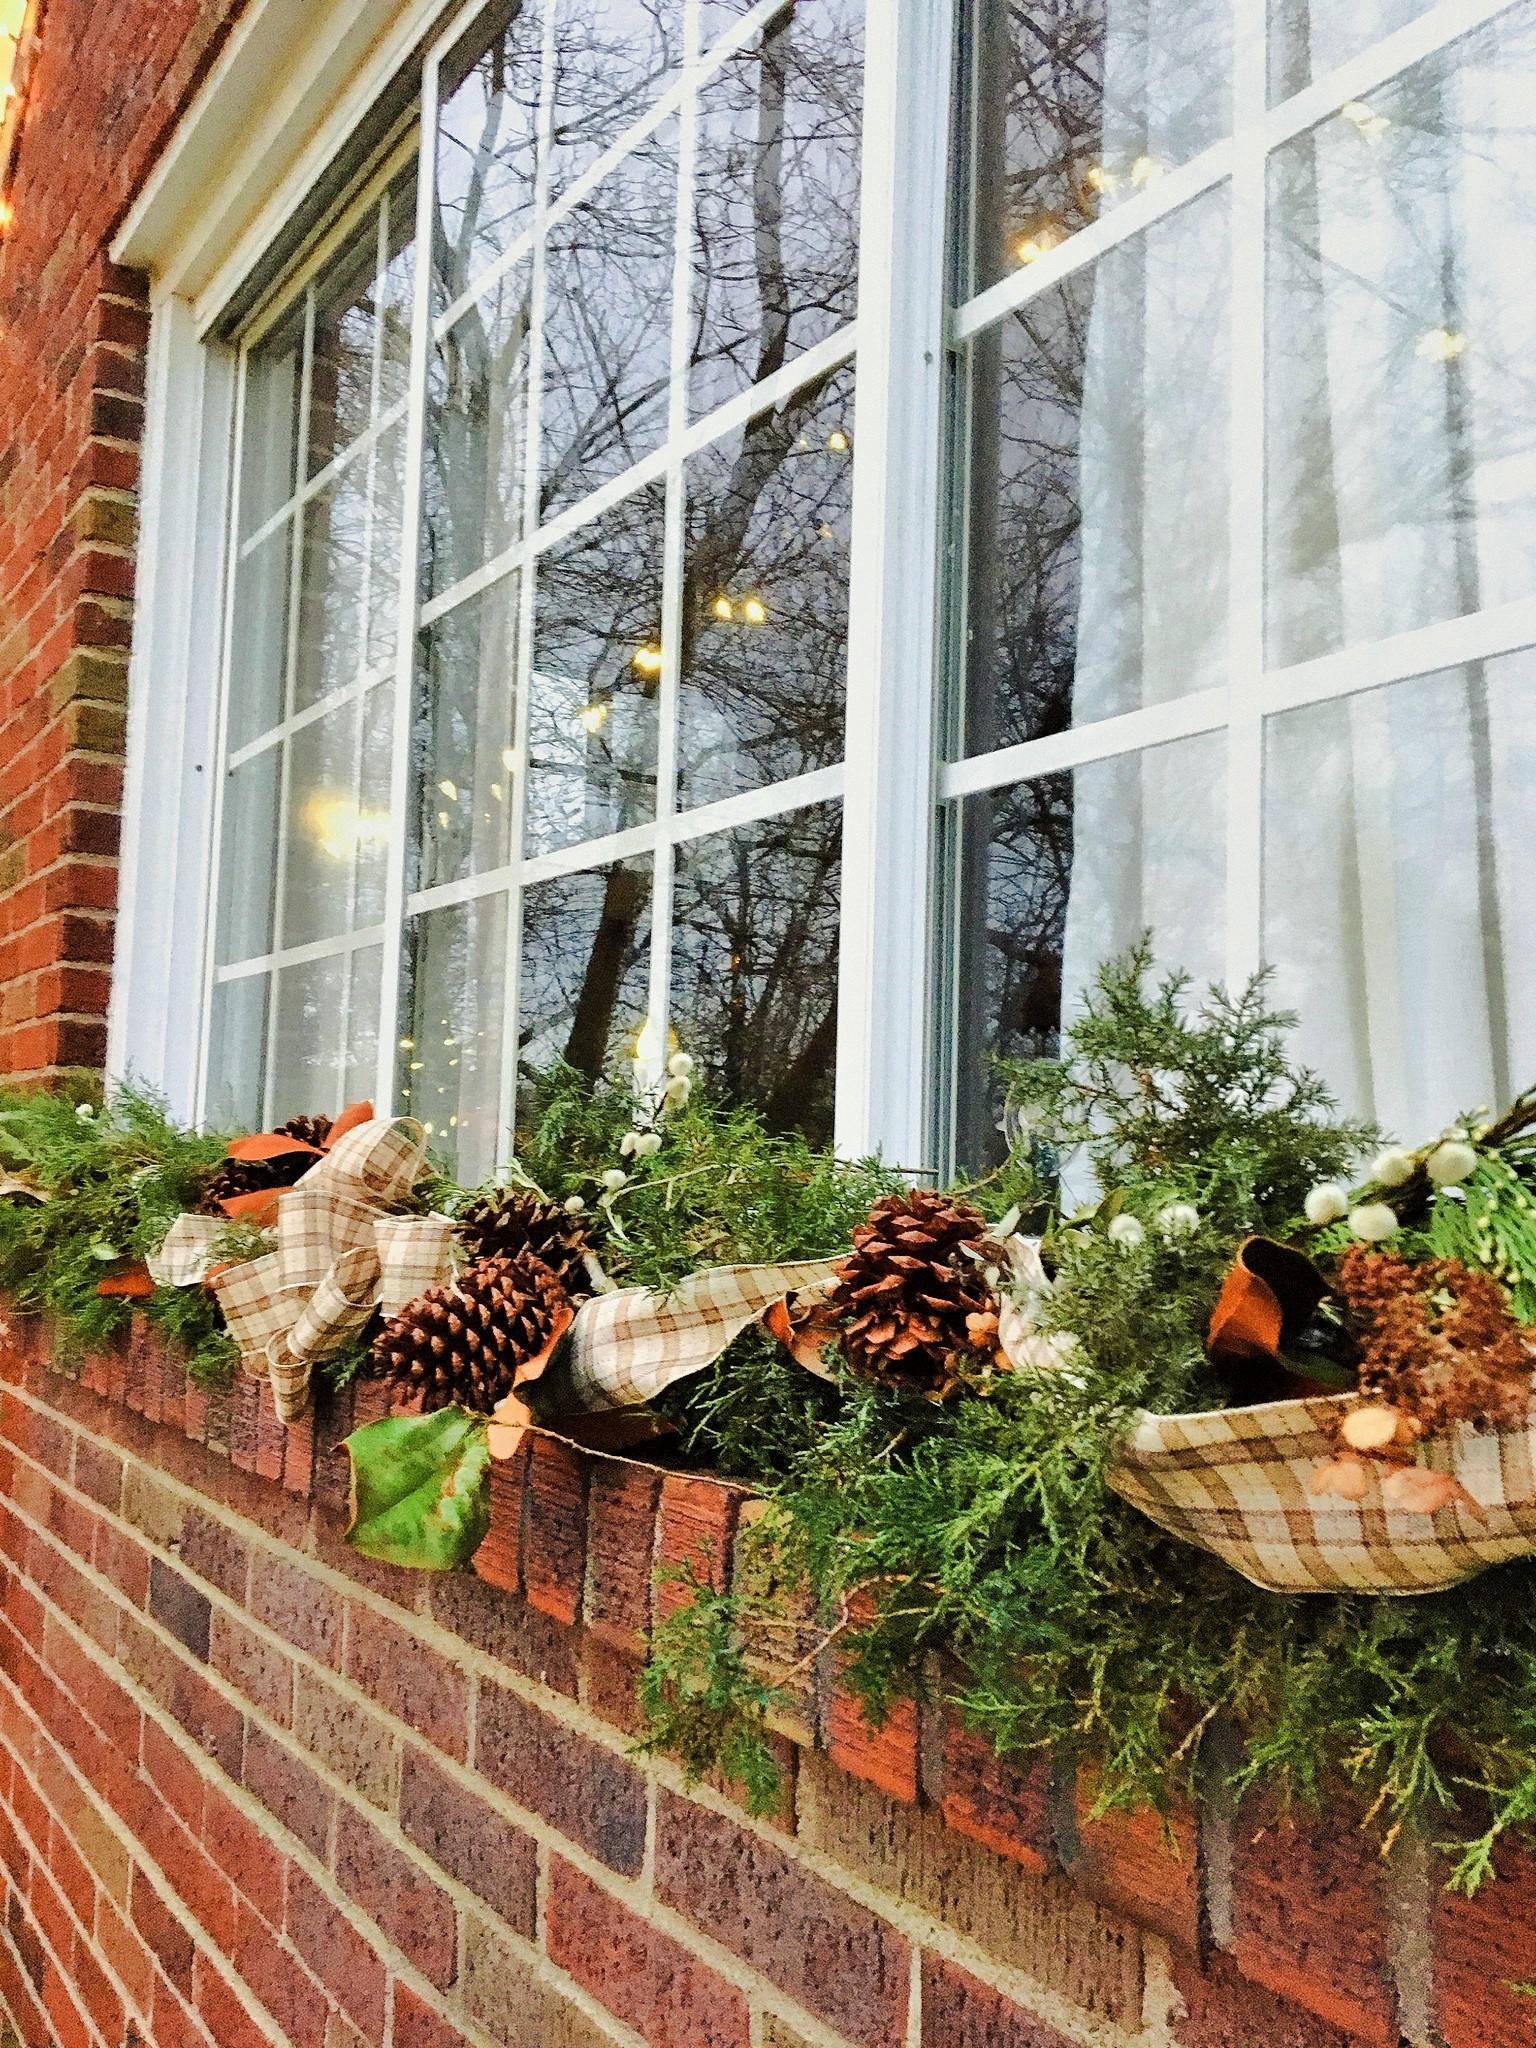 Natural Decorating DIY – Creating a Windowsill Christmas Swag